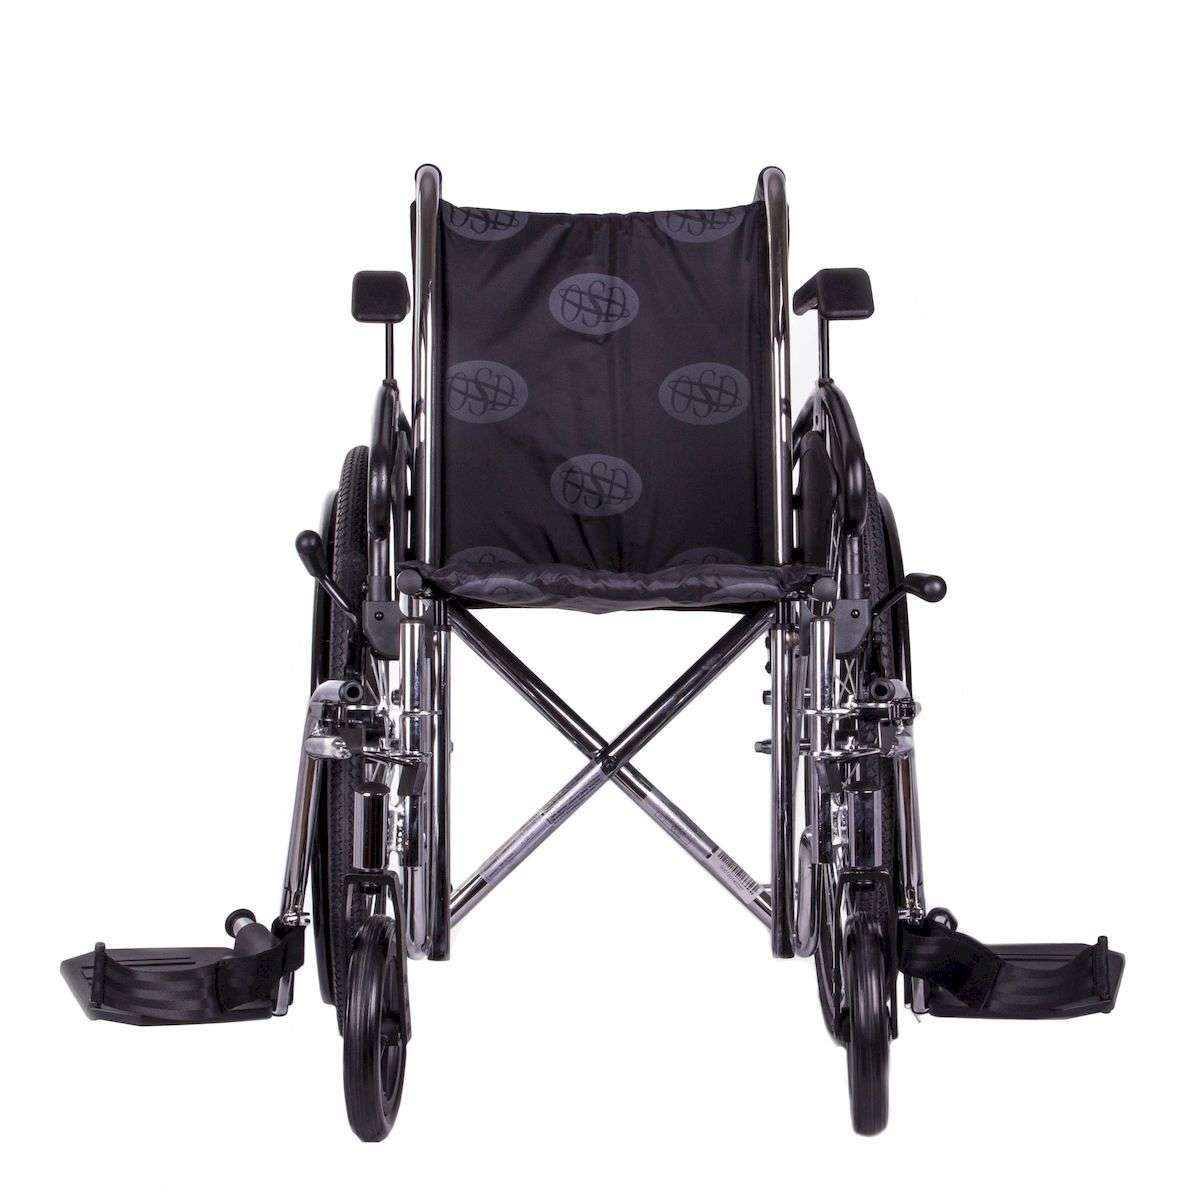 Уценка. Стандартная инвалидная коляска, OSD Millenium 3